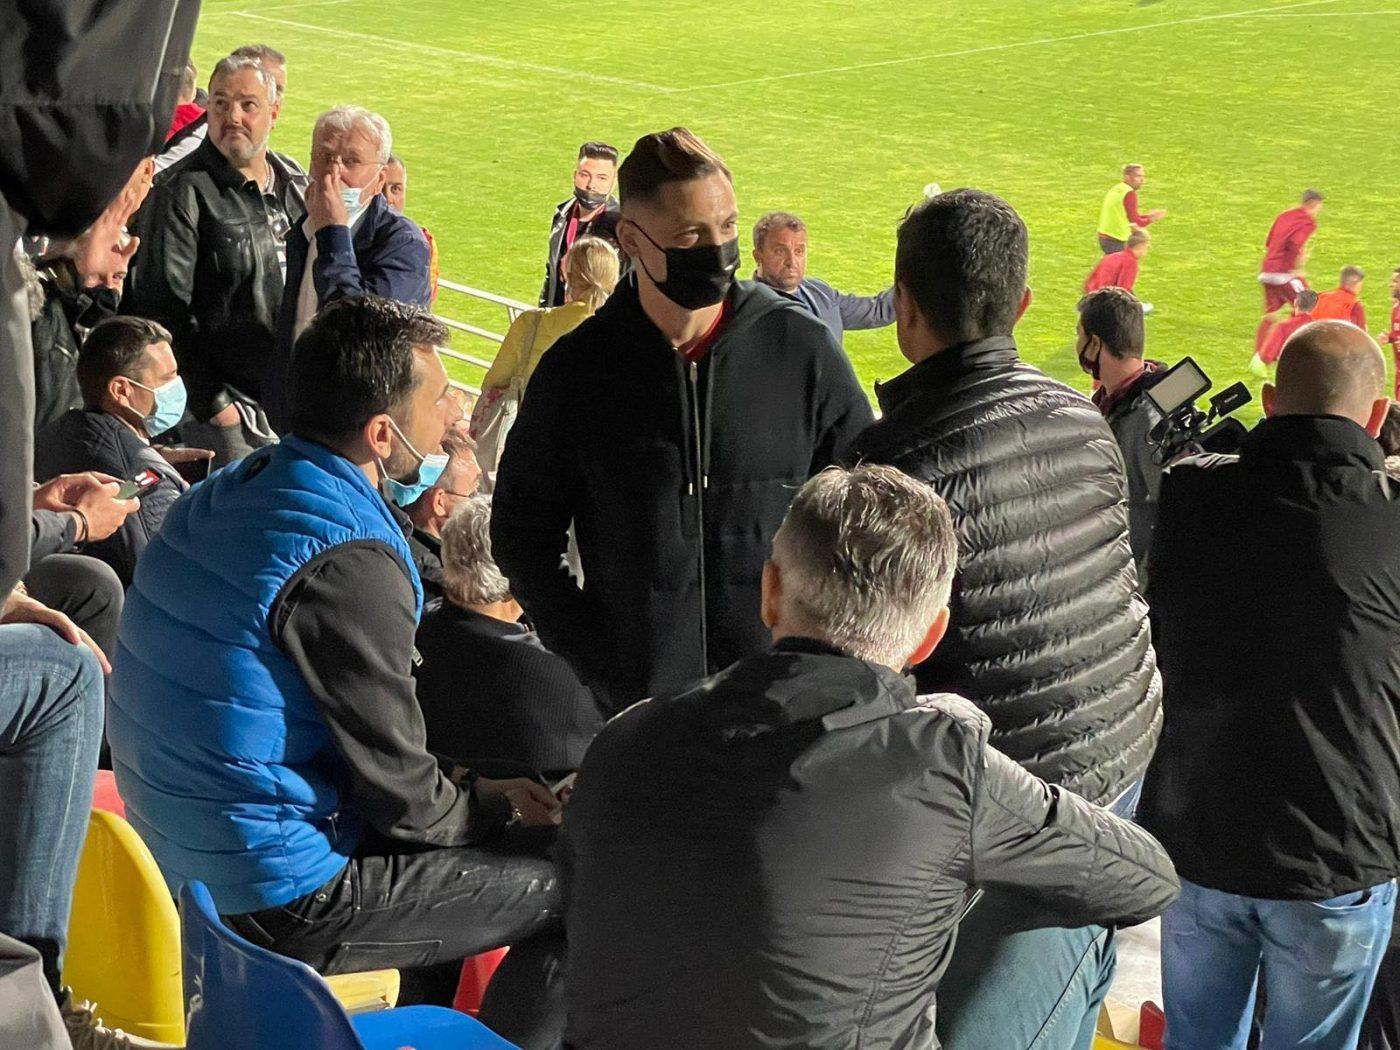 Au uitat de rivalitate! Mirel Rădoi și Răzvan Lucescu, prietenie strânsă! Imagini de senzație cu cei doi antrenori la meciul Rapidului | VIDEO & FOTO